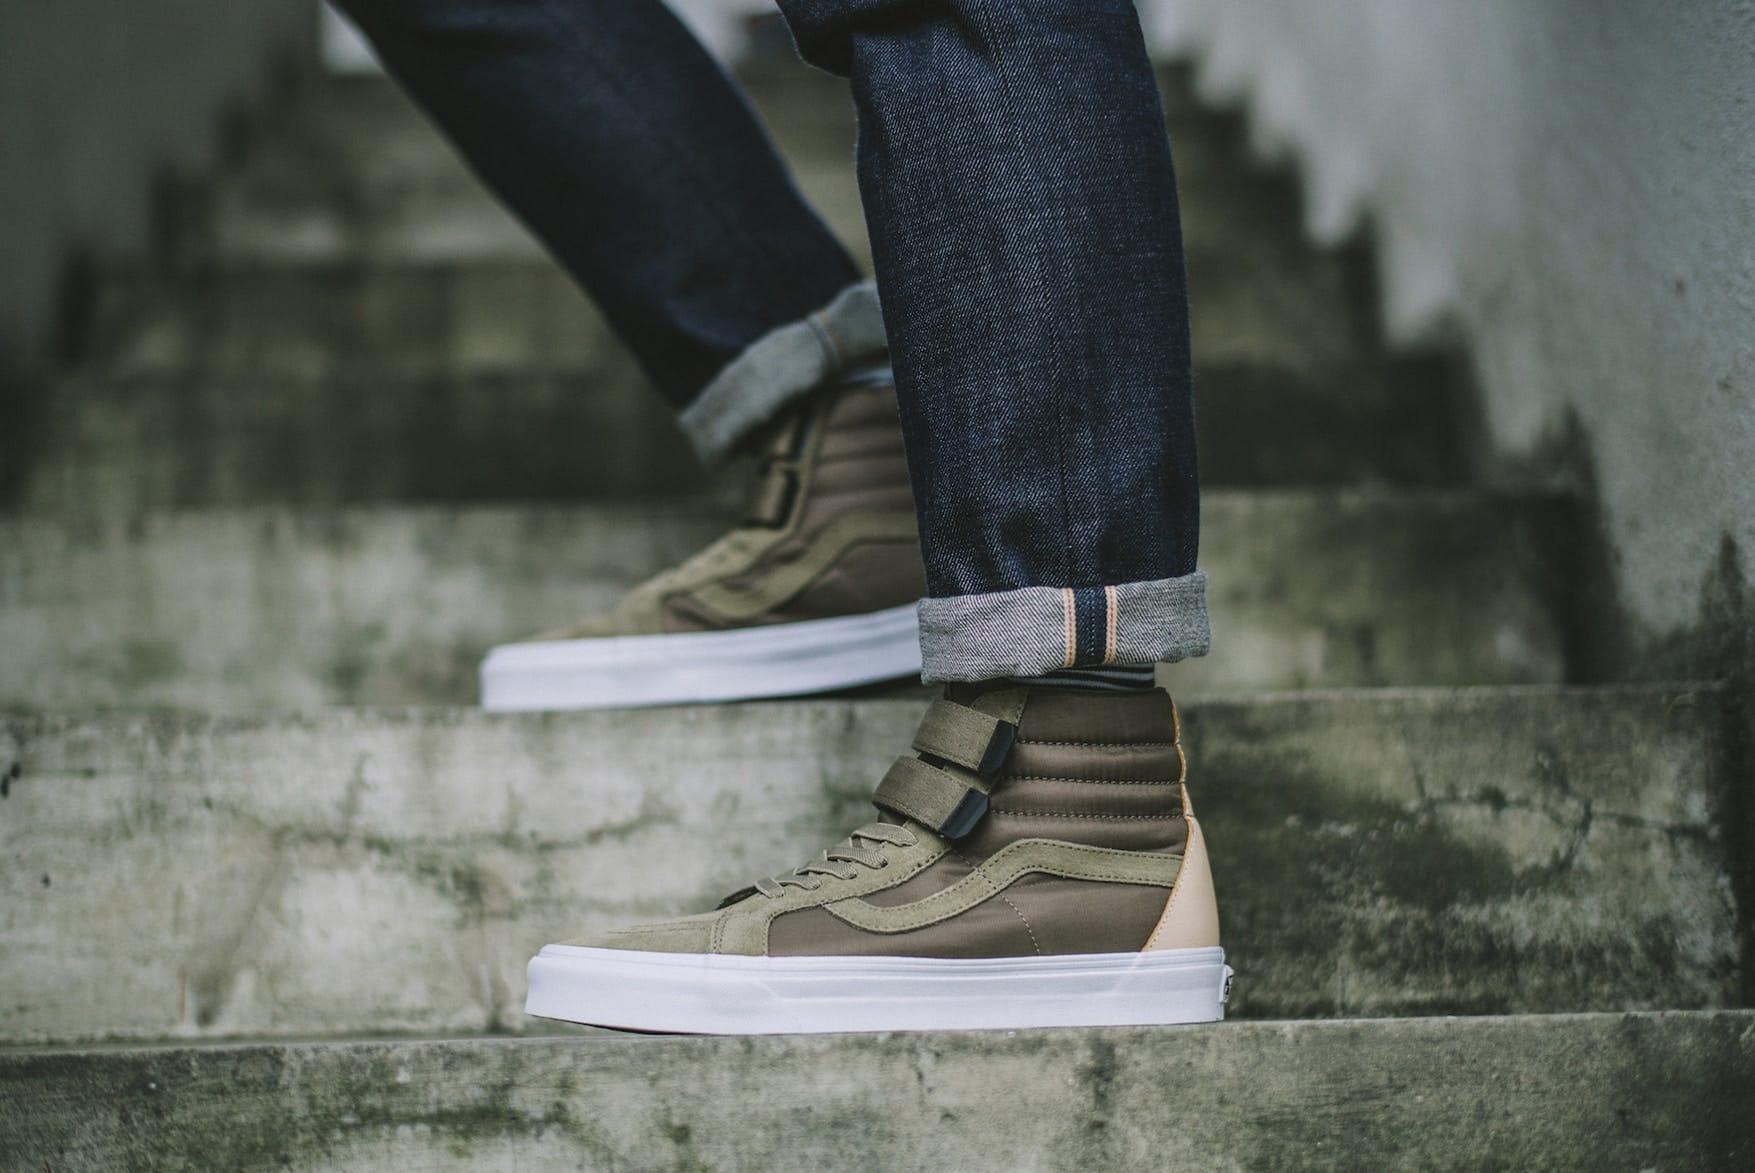 Vans Military Function Footwear